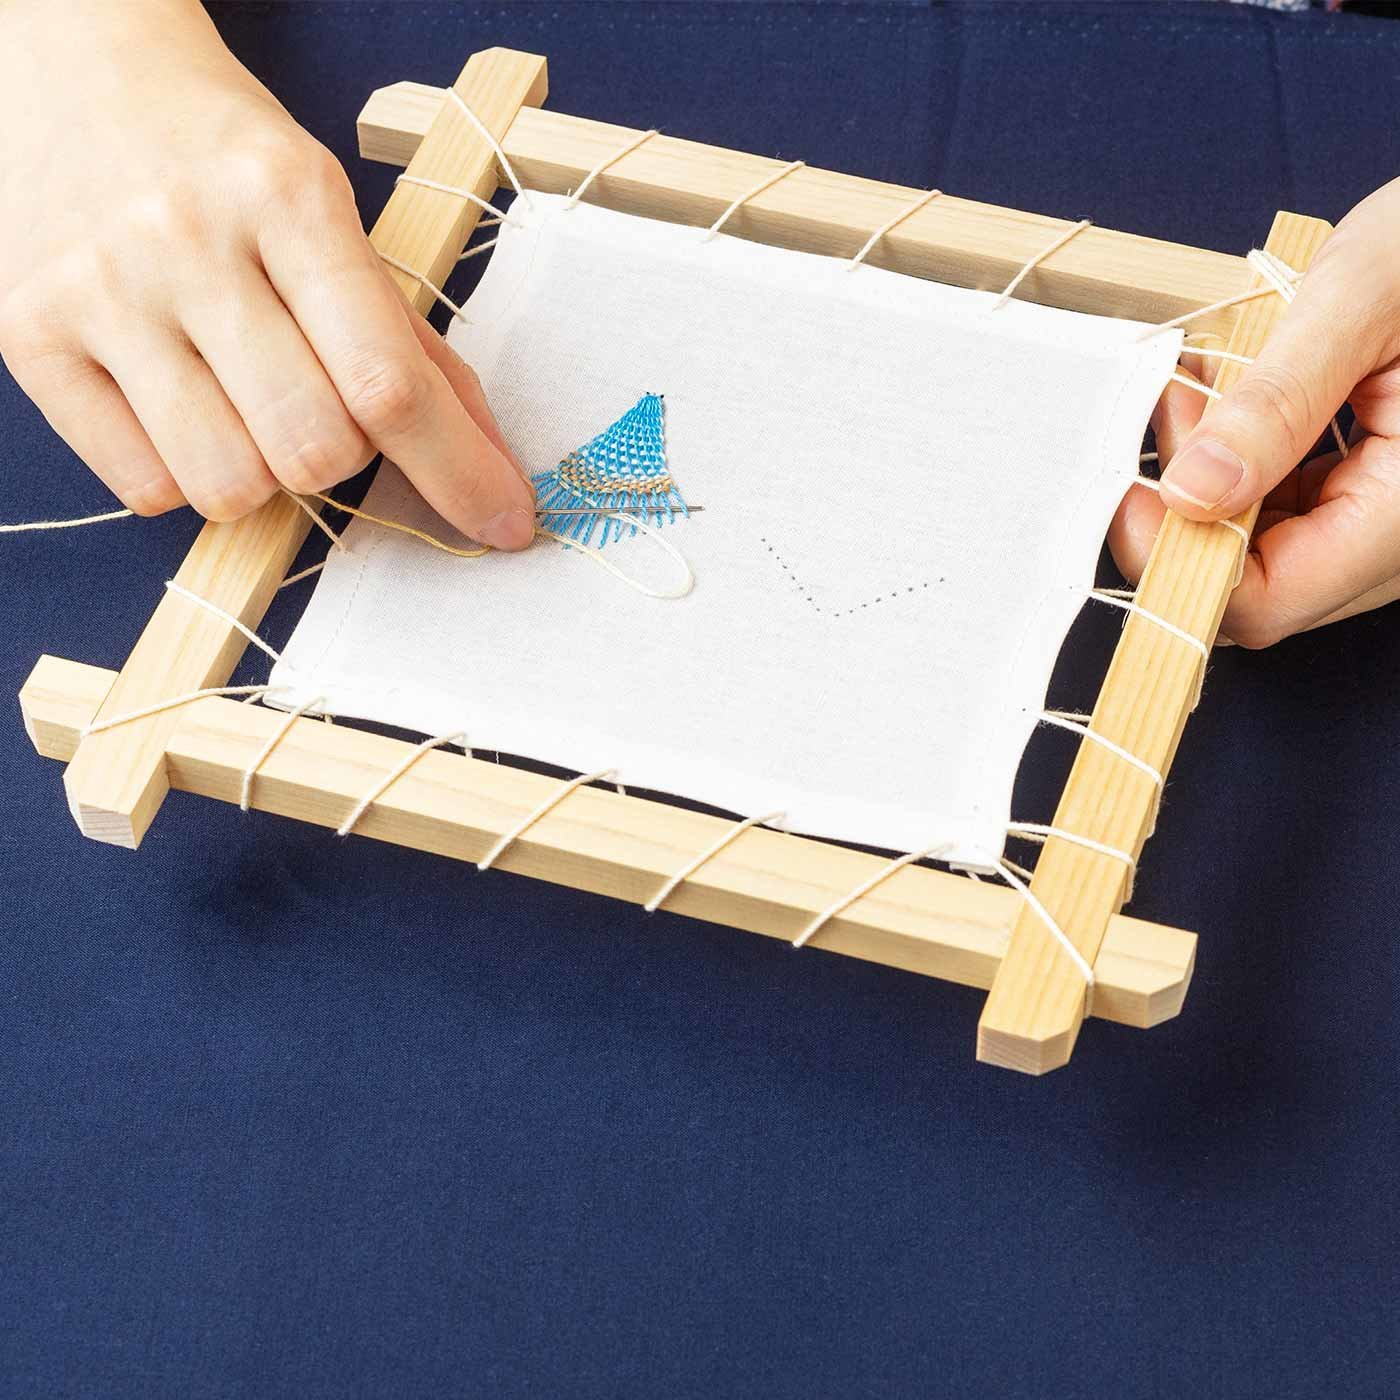 ニャンドゥティが作れる専用木枠と糸のセット